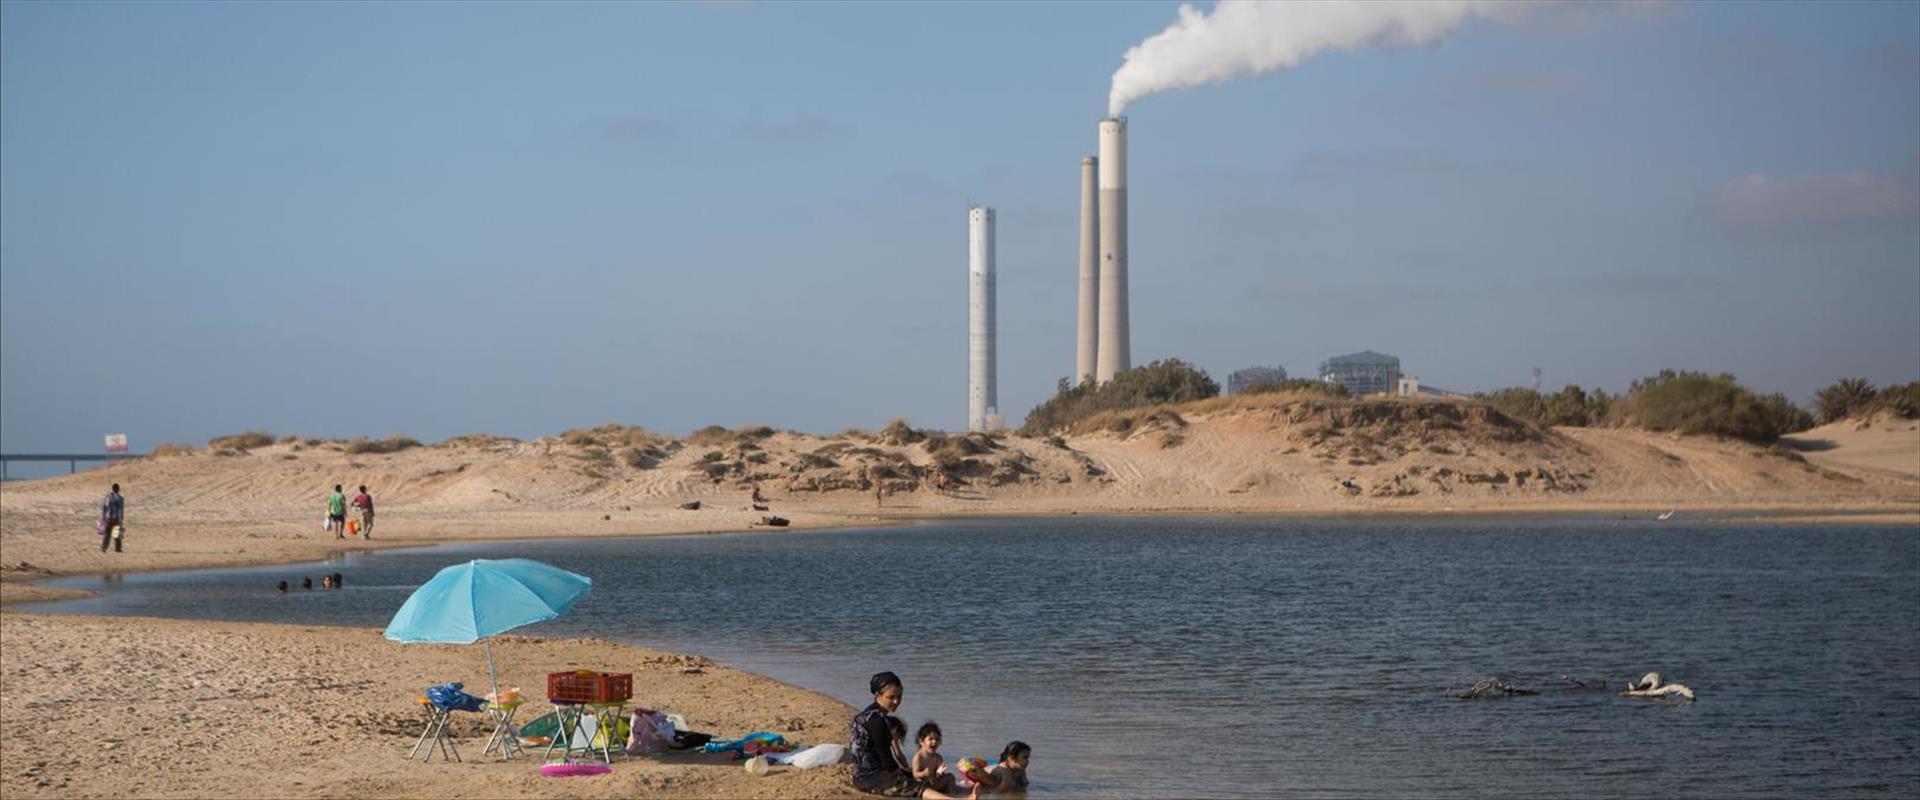 תחנת כוח סמוך לחוף זיקים